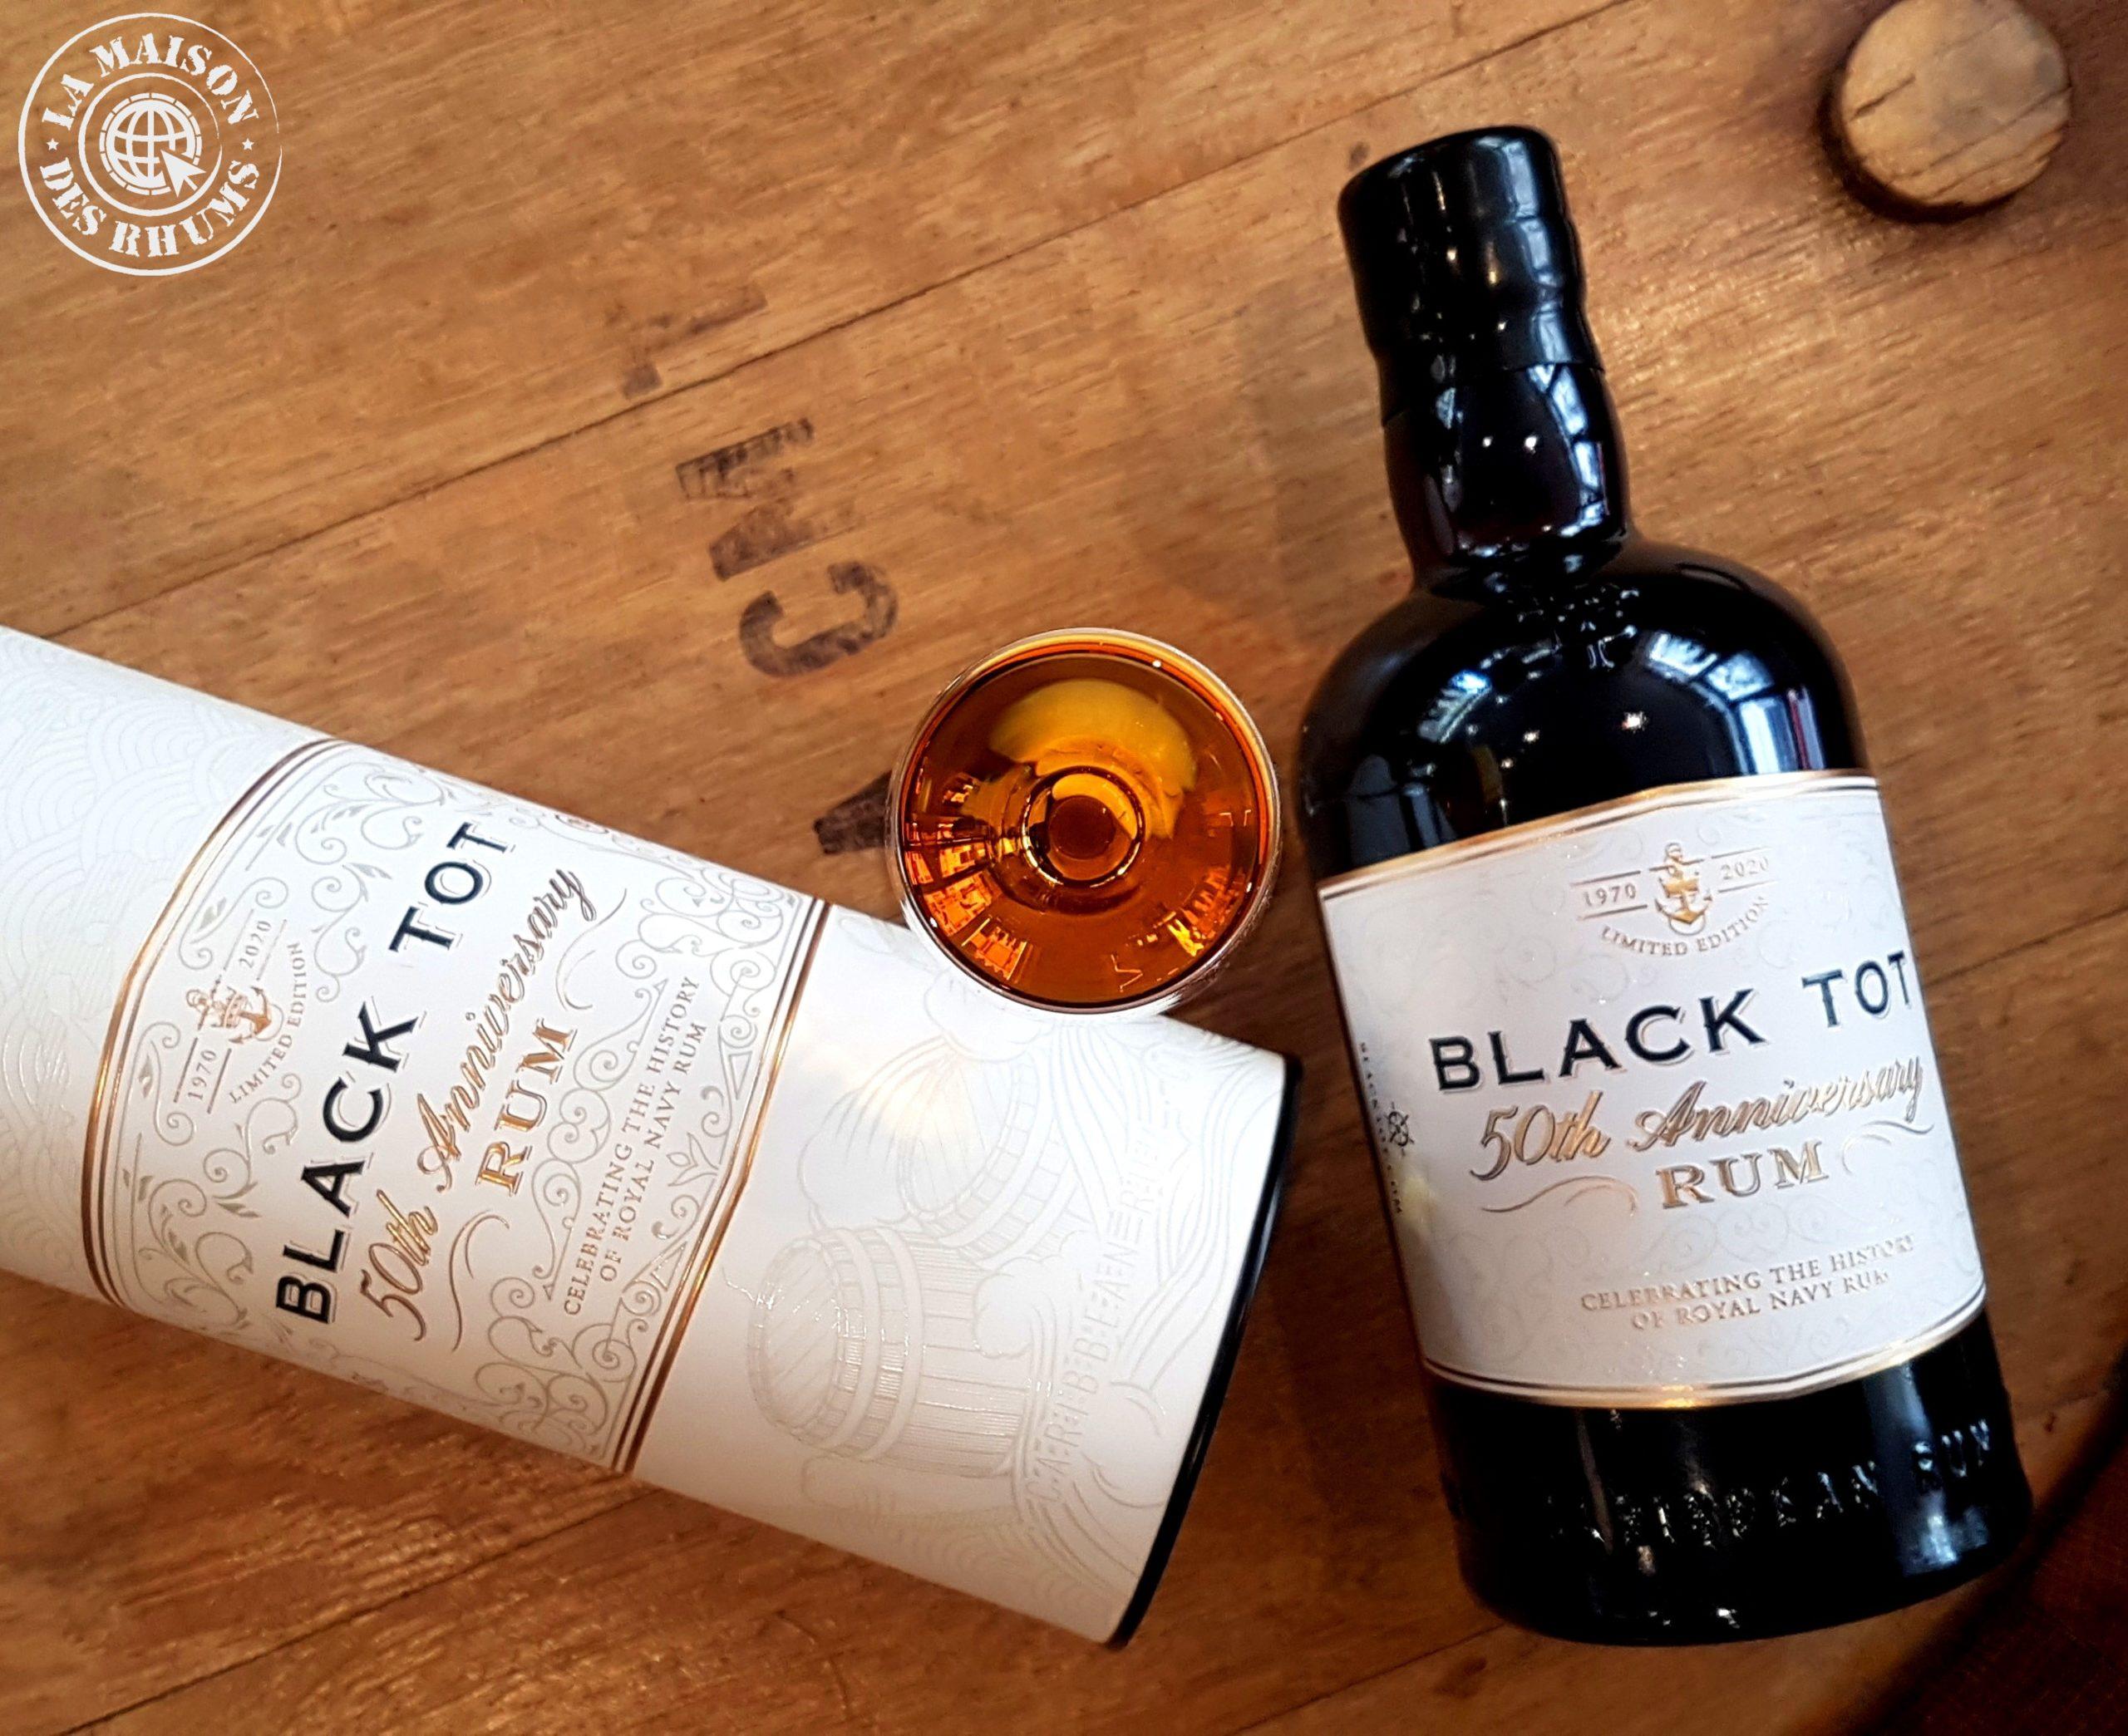 Dégustation : Black Tot 50th Anniversary Rum